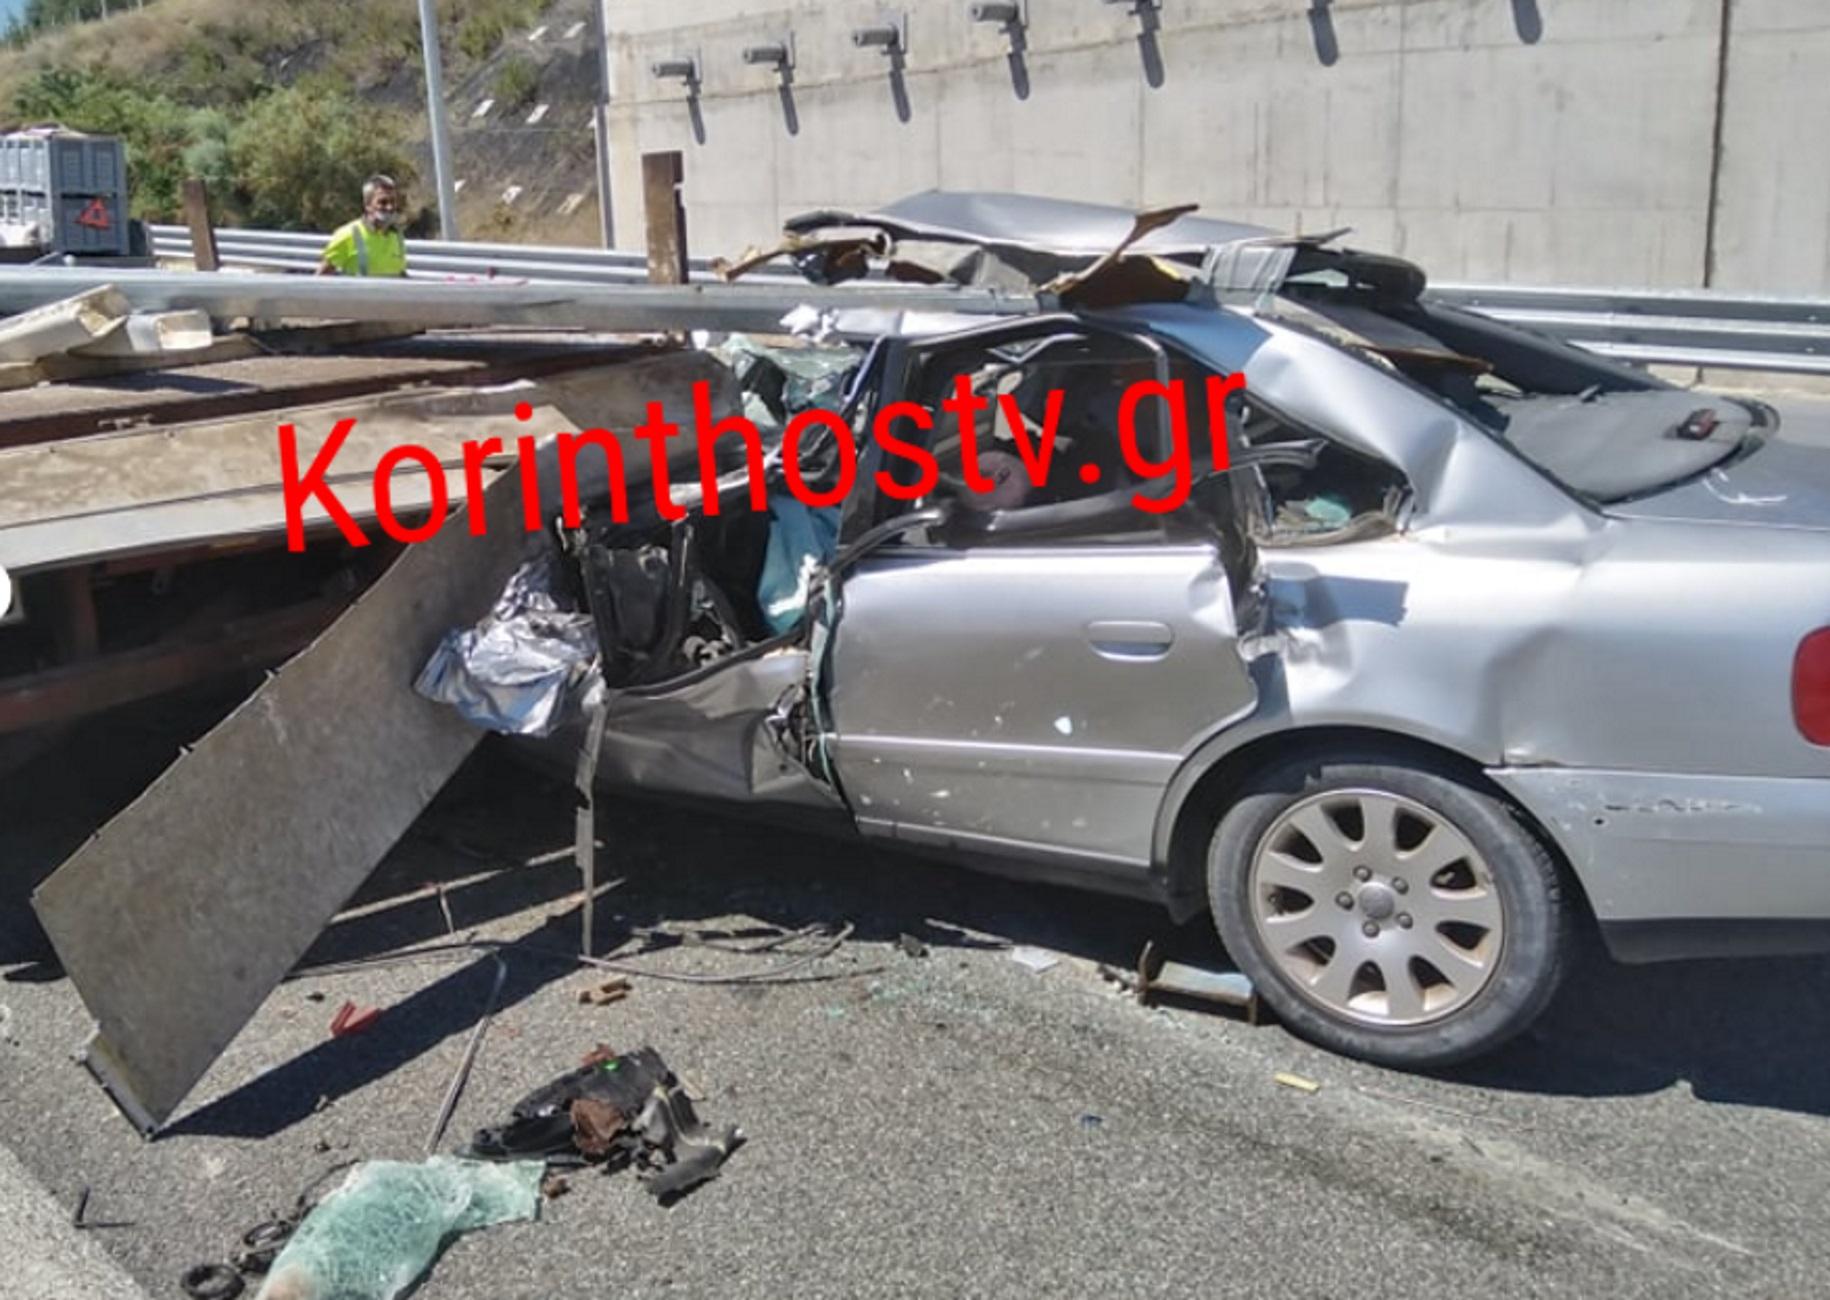 Εθνική Οδός: Διαλύθηκε το αυτοκίνητο που «καρφώθηκε» σε φορτηγό στην Κορίνθου – Πατρών